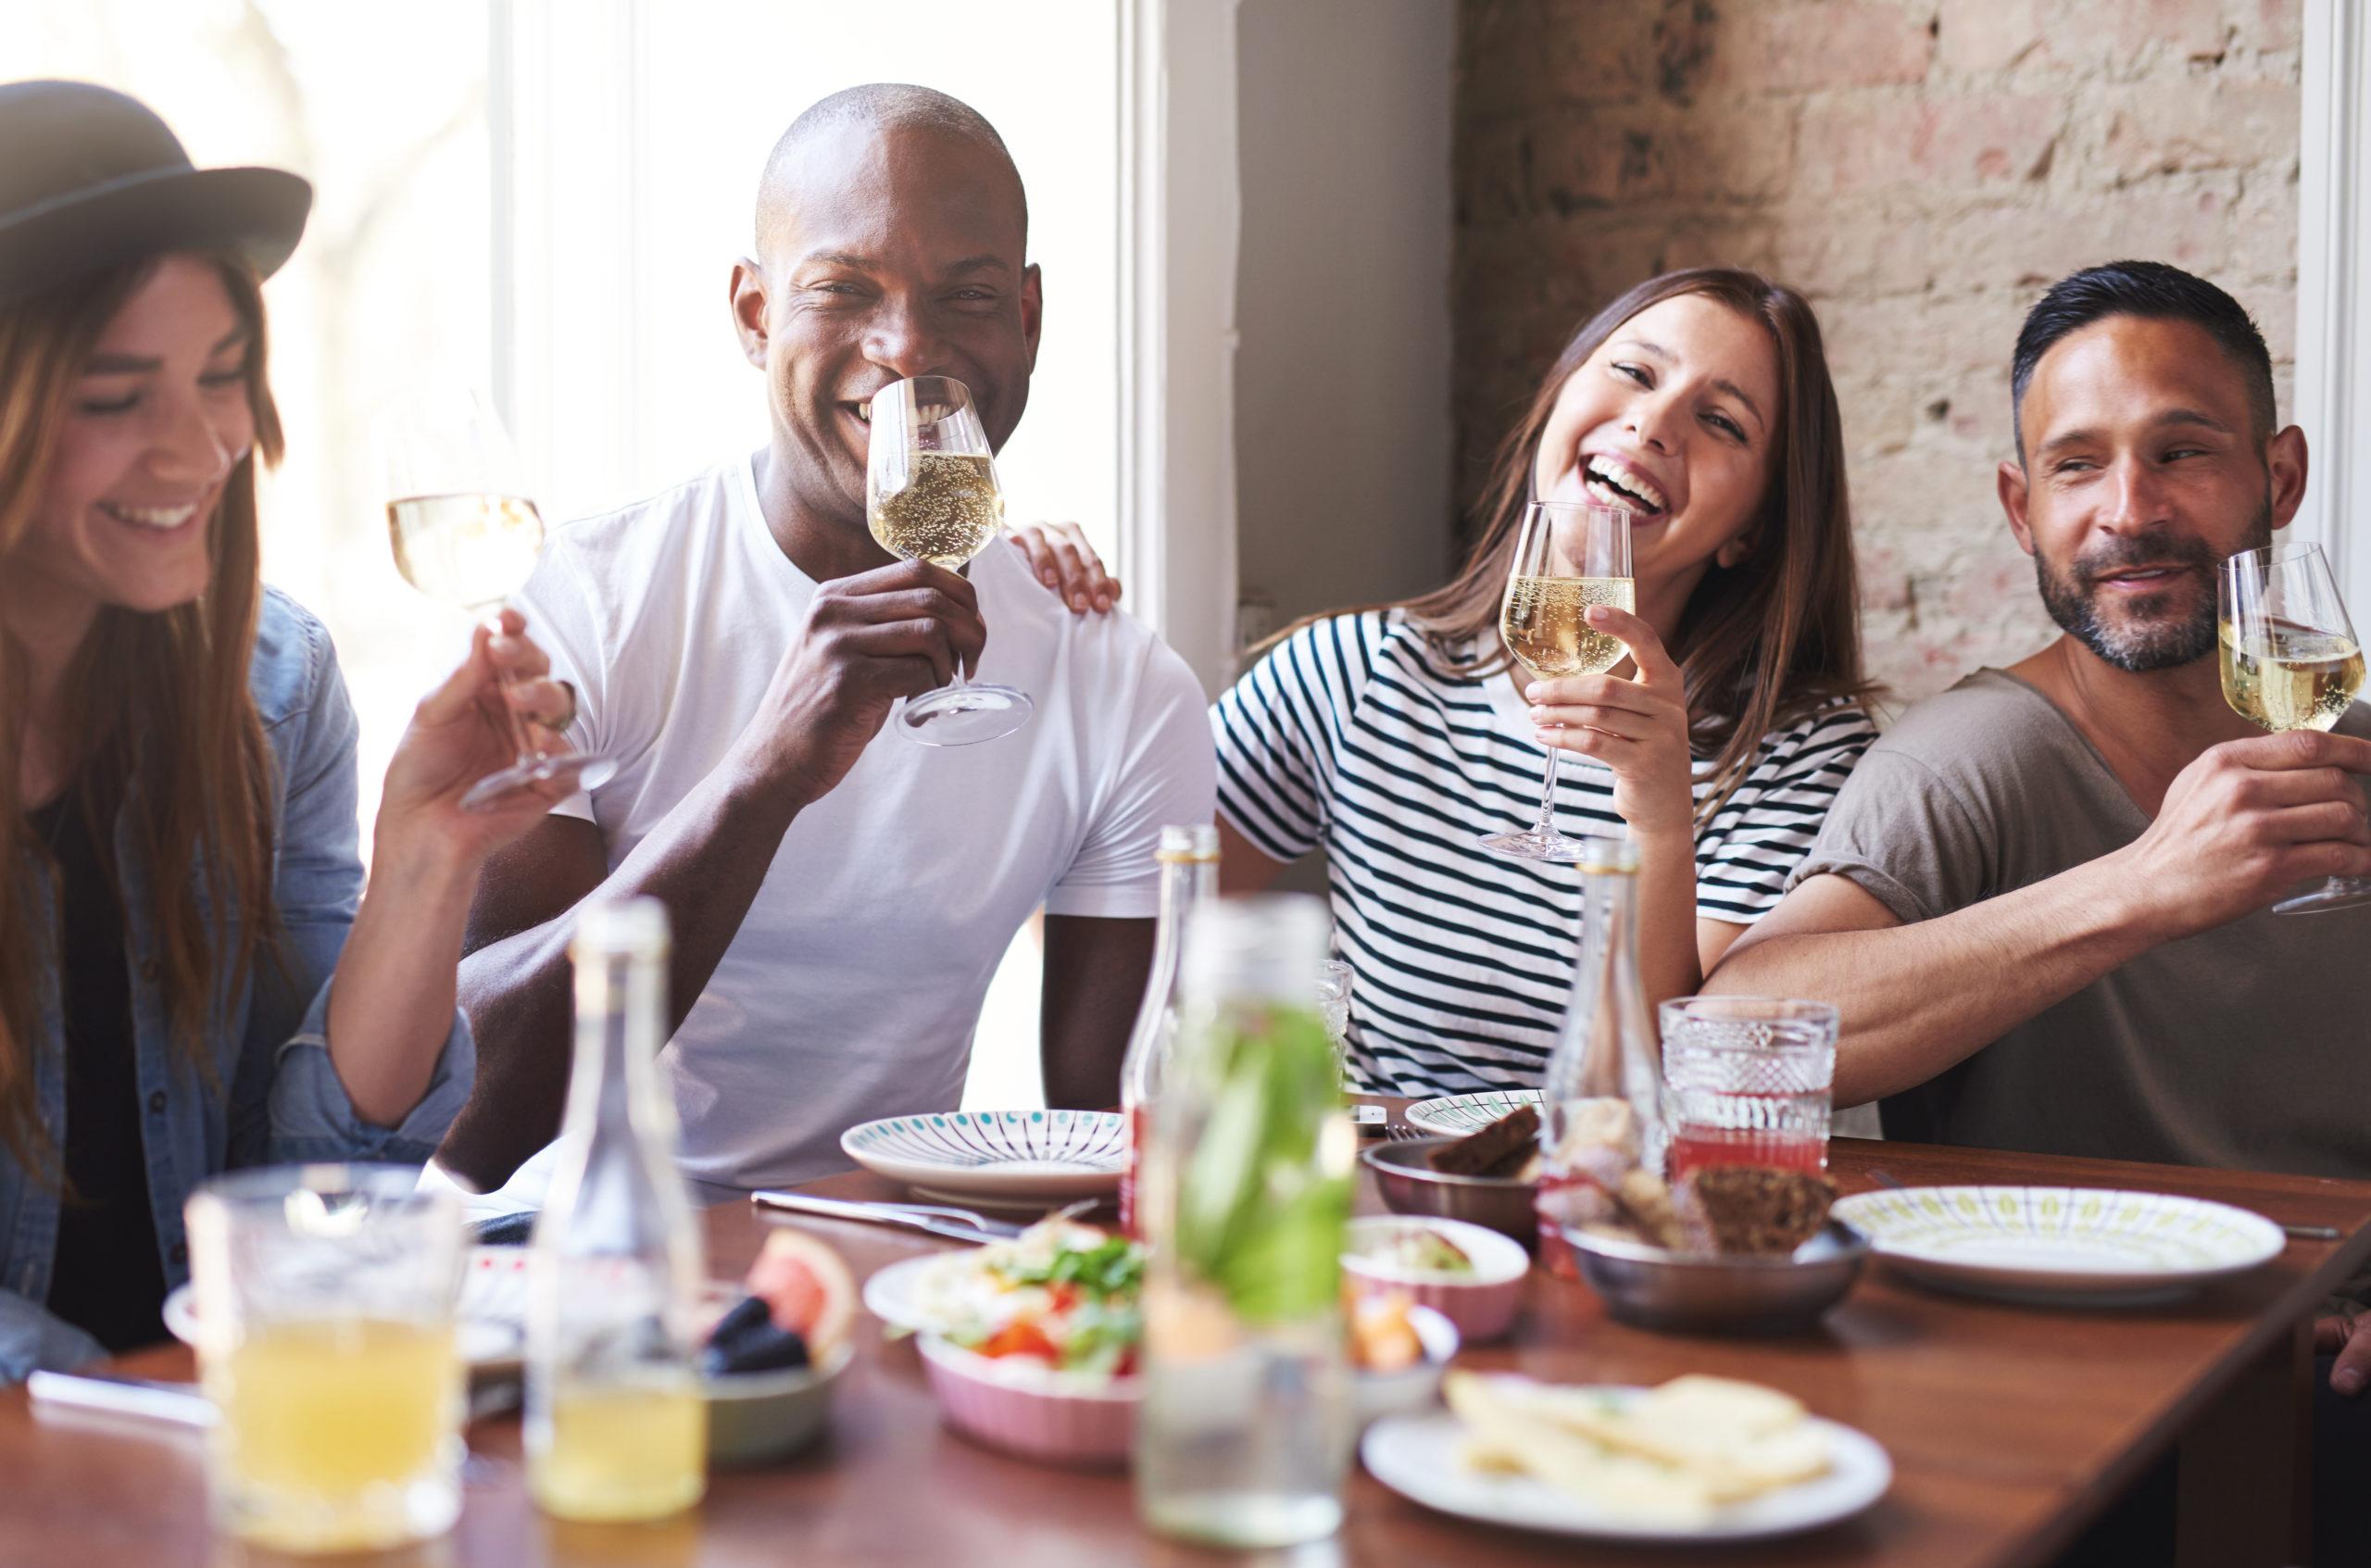 Los nuevos consumidores de vino, los jóvenes